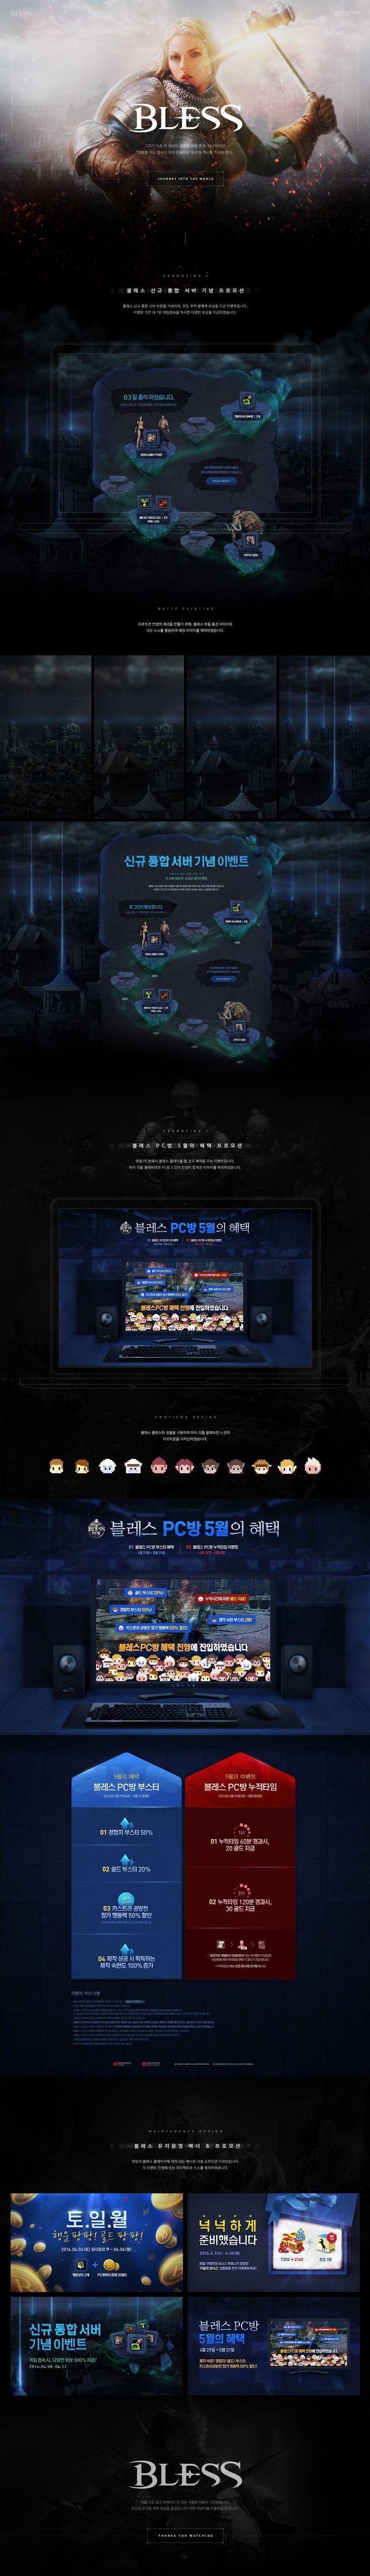 네오위즈게임즈 - 블레스 프로모션 디자인 Neowiz Games – Bless Promotion Design